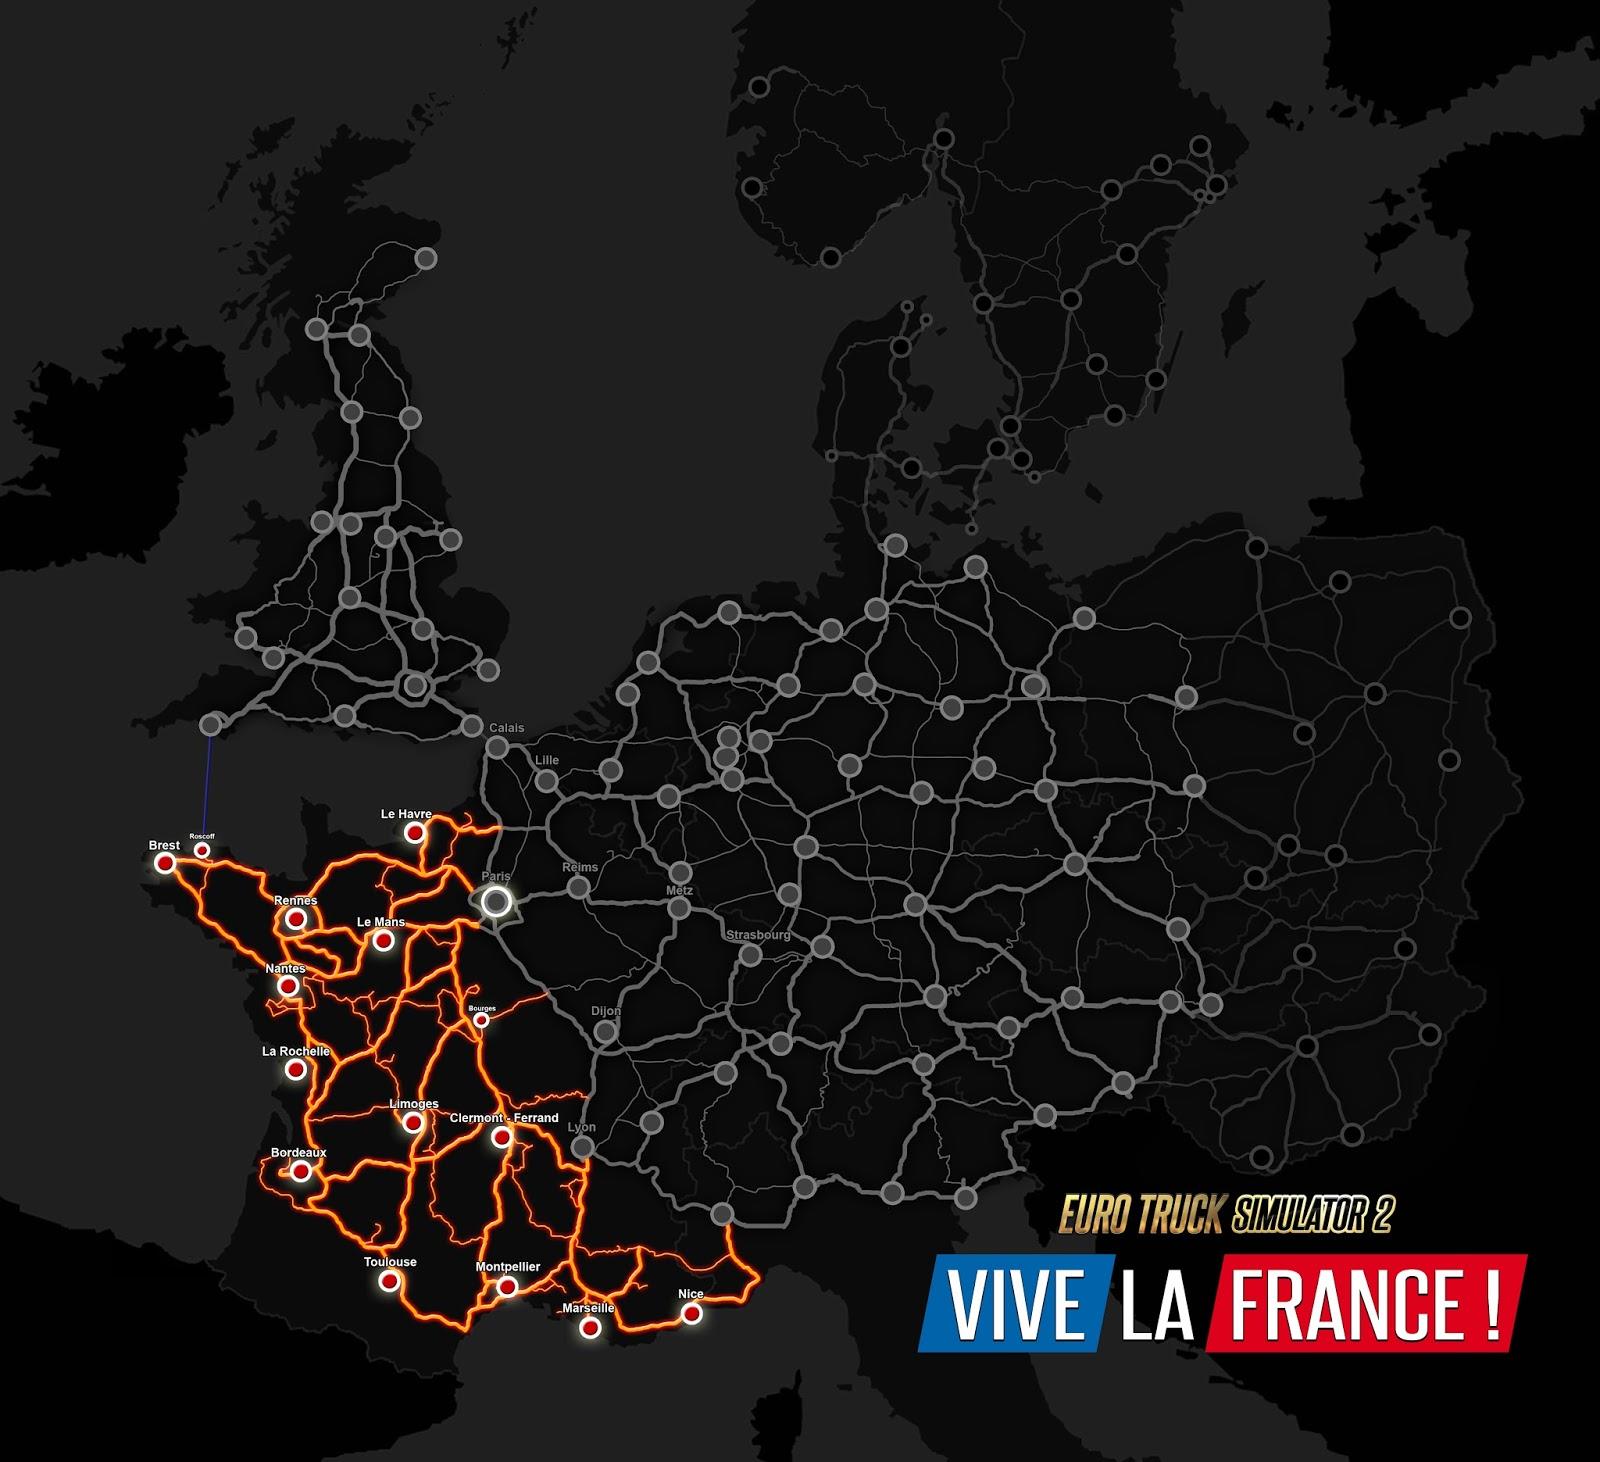 Euro Truck Simulator 2: Vive la France 134557